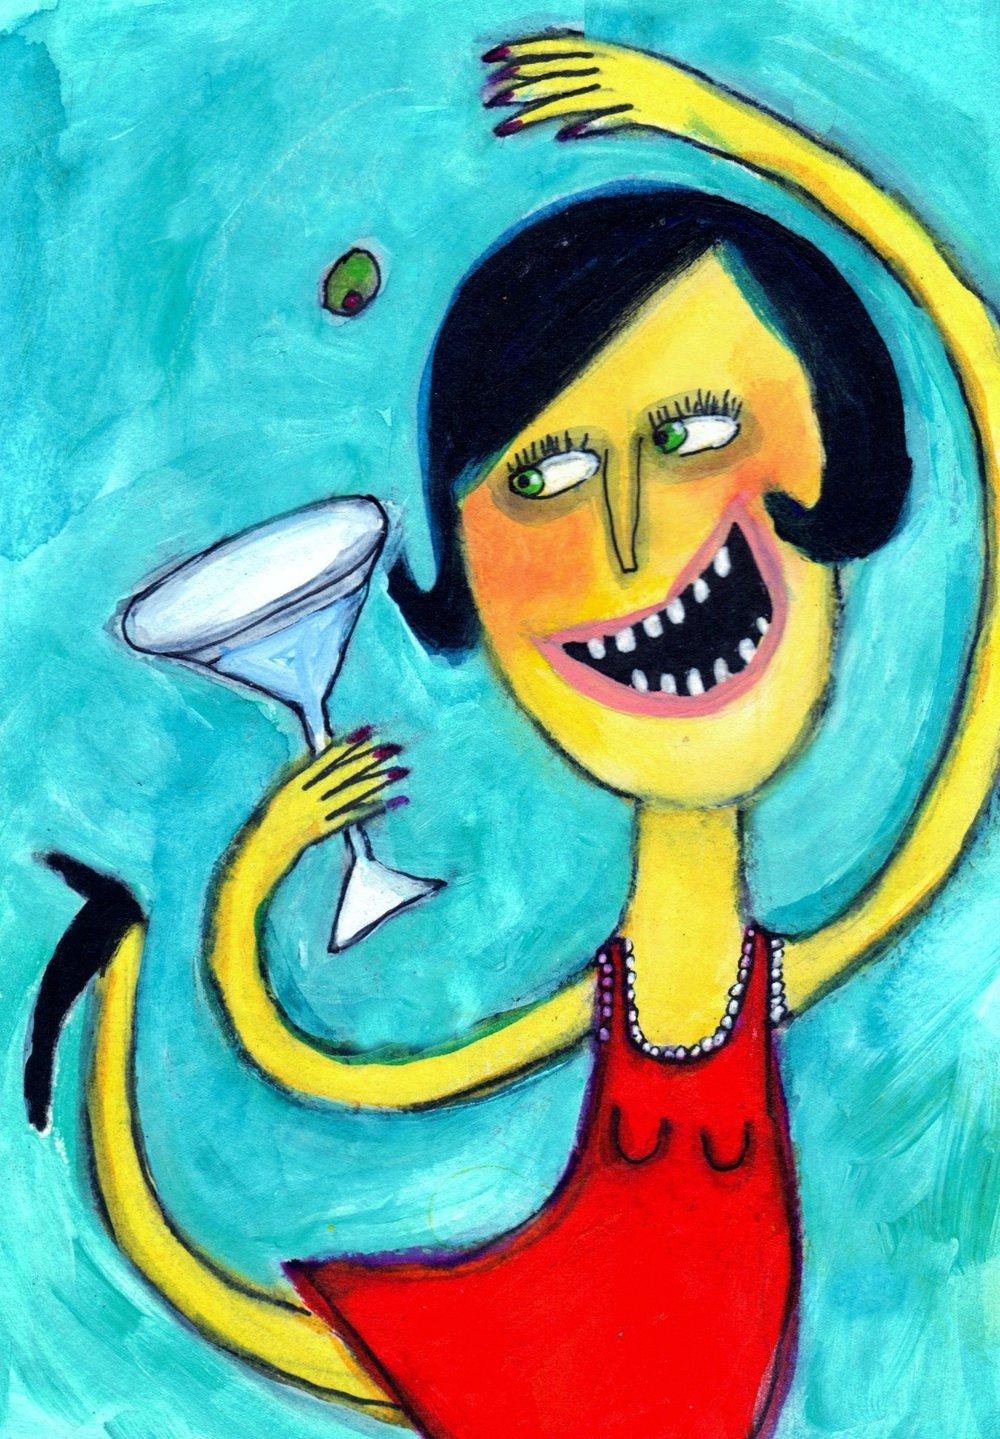 Martini Mambo